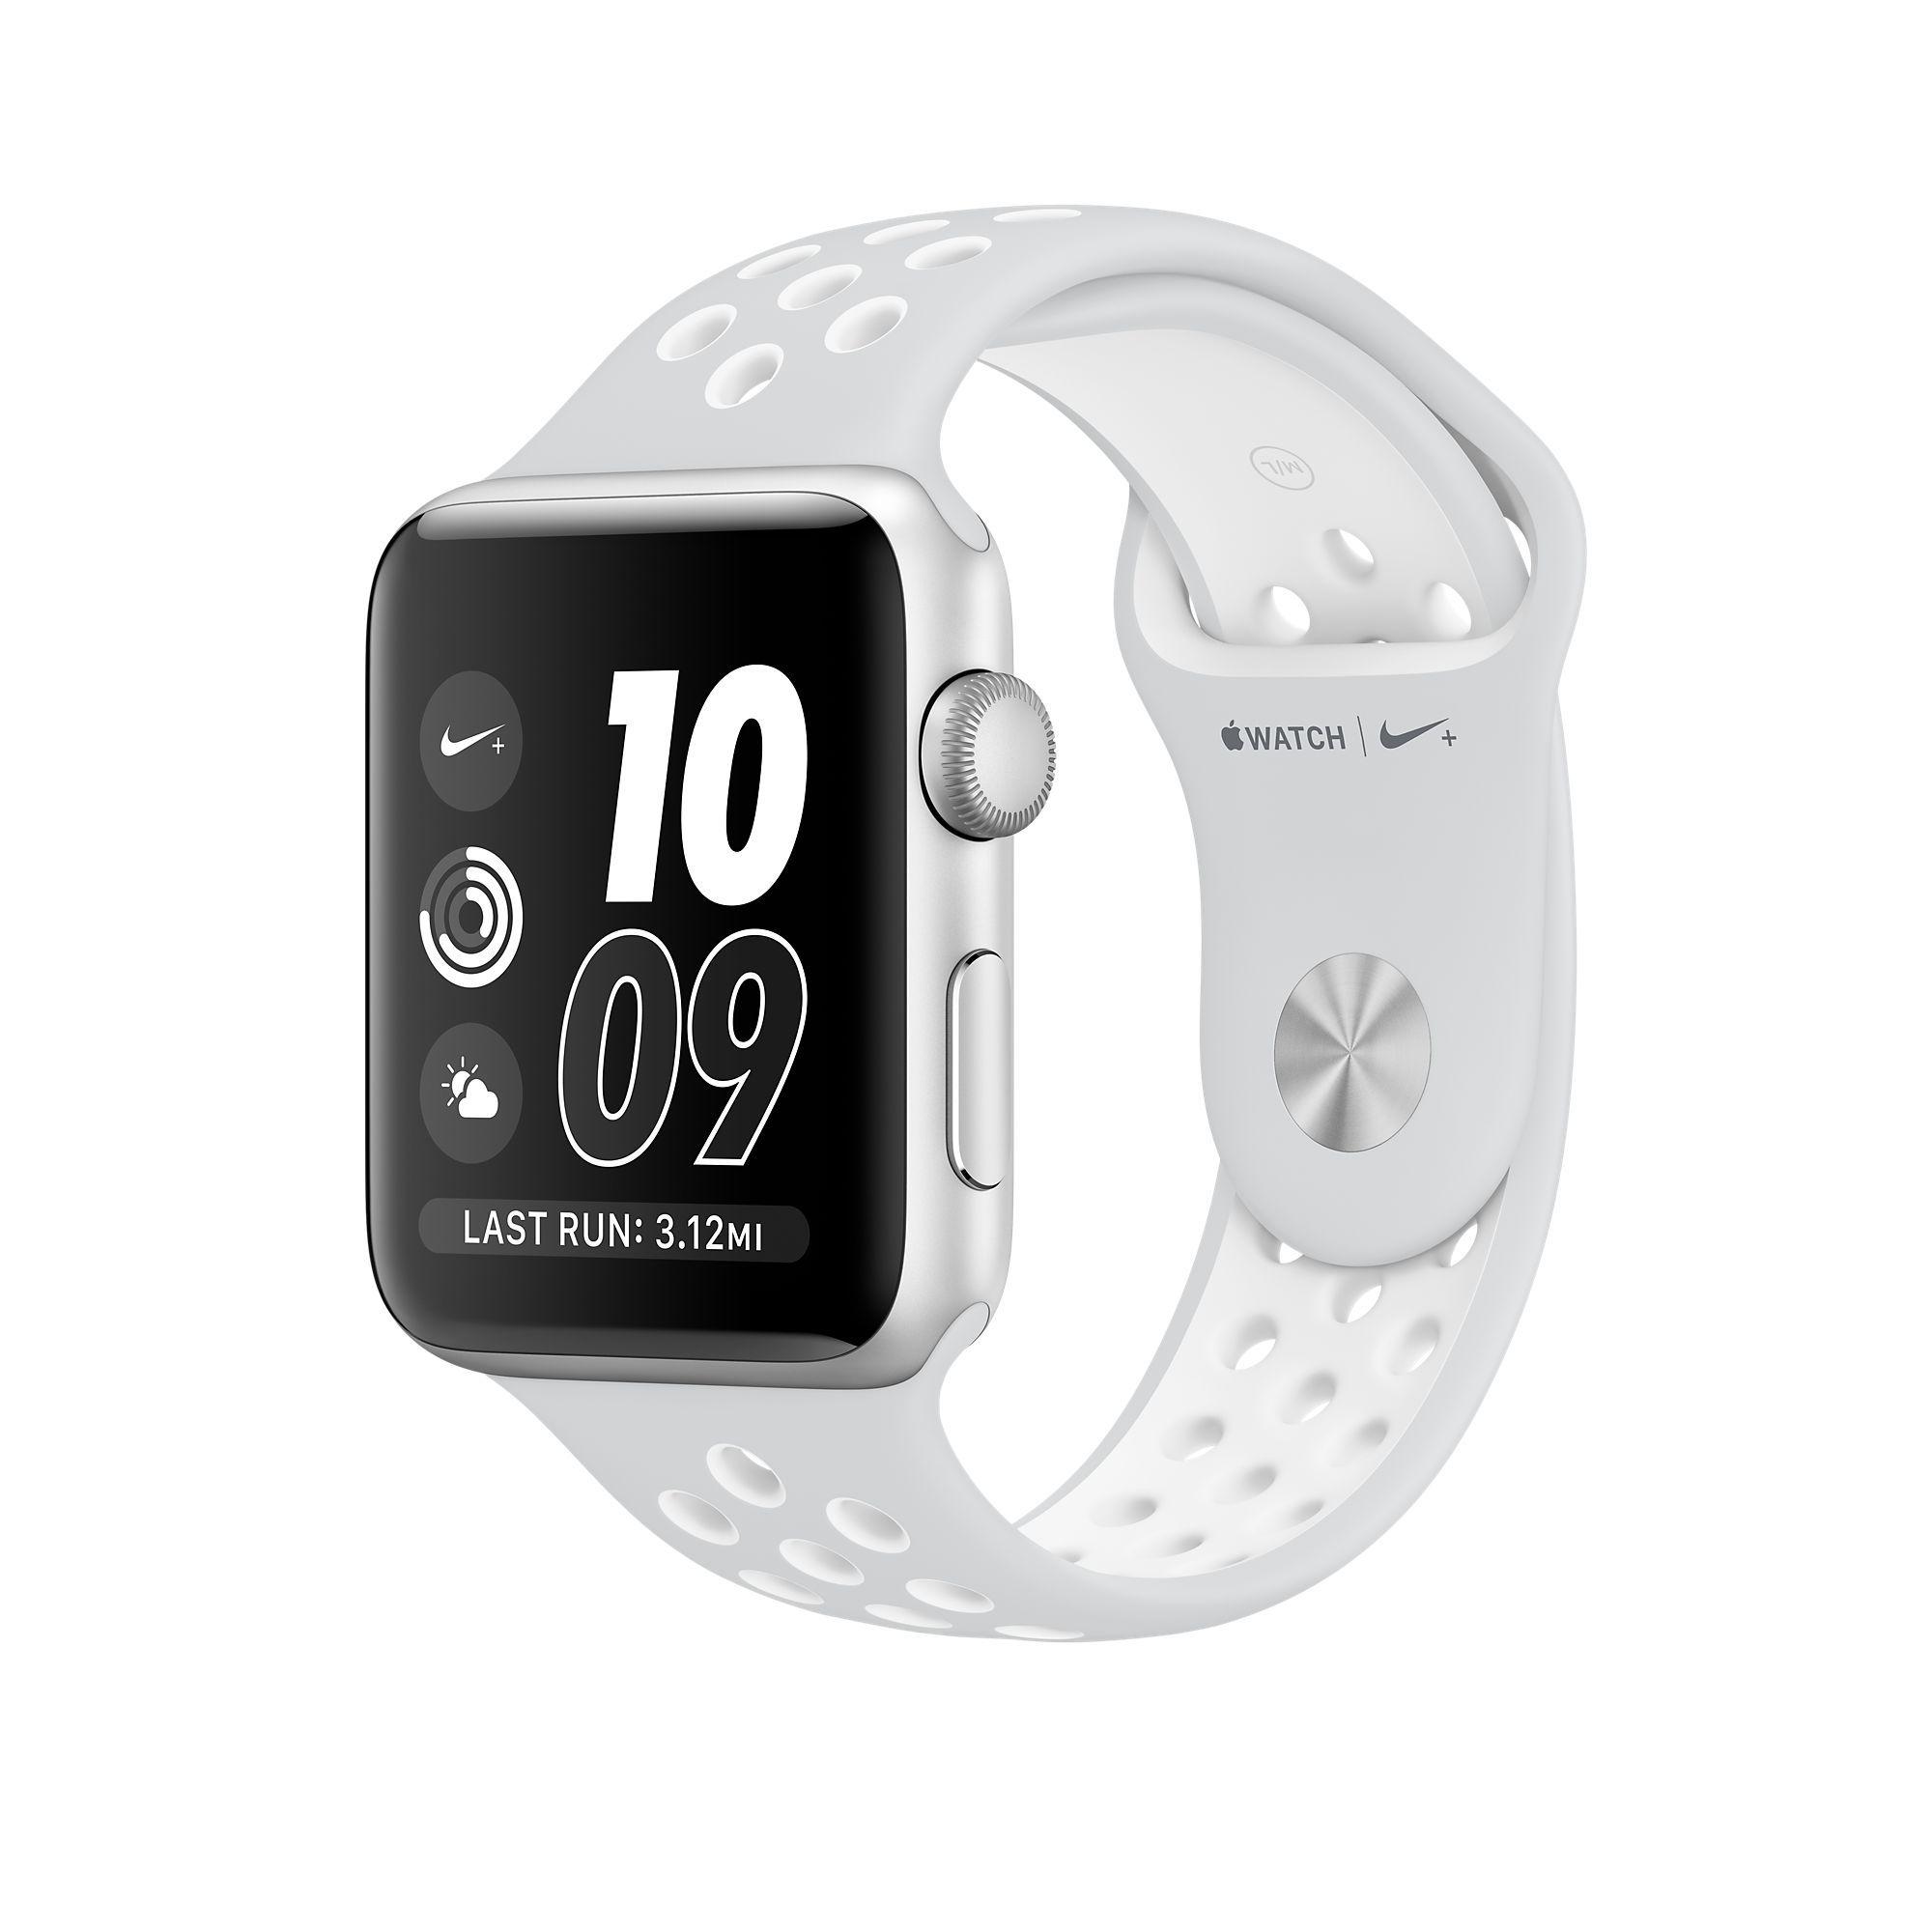 Buy Apple Watch Nike Buy Apple Watch Apple Watch Nike Apple Watch Sport